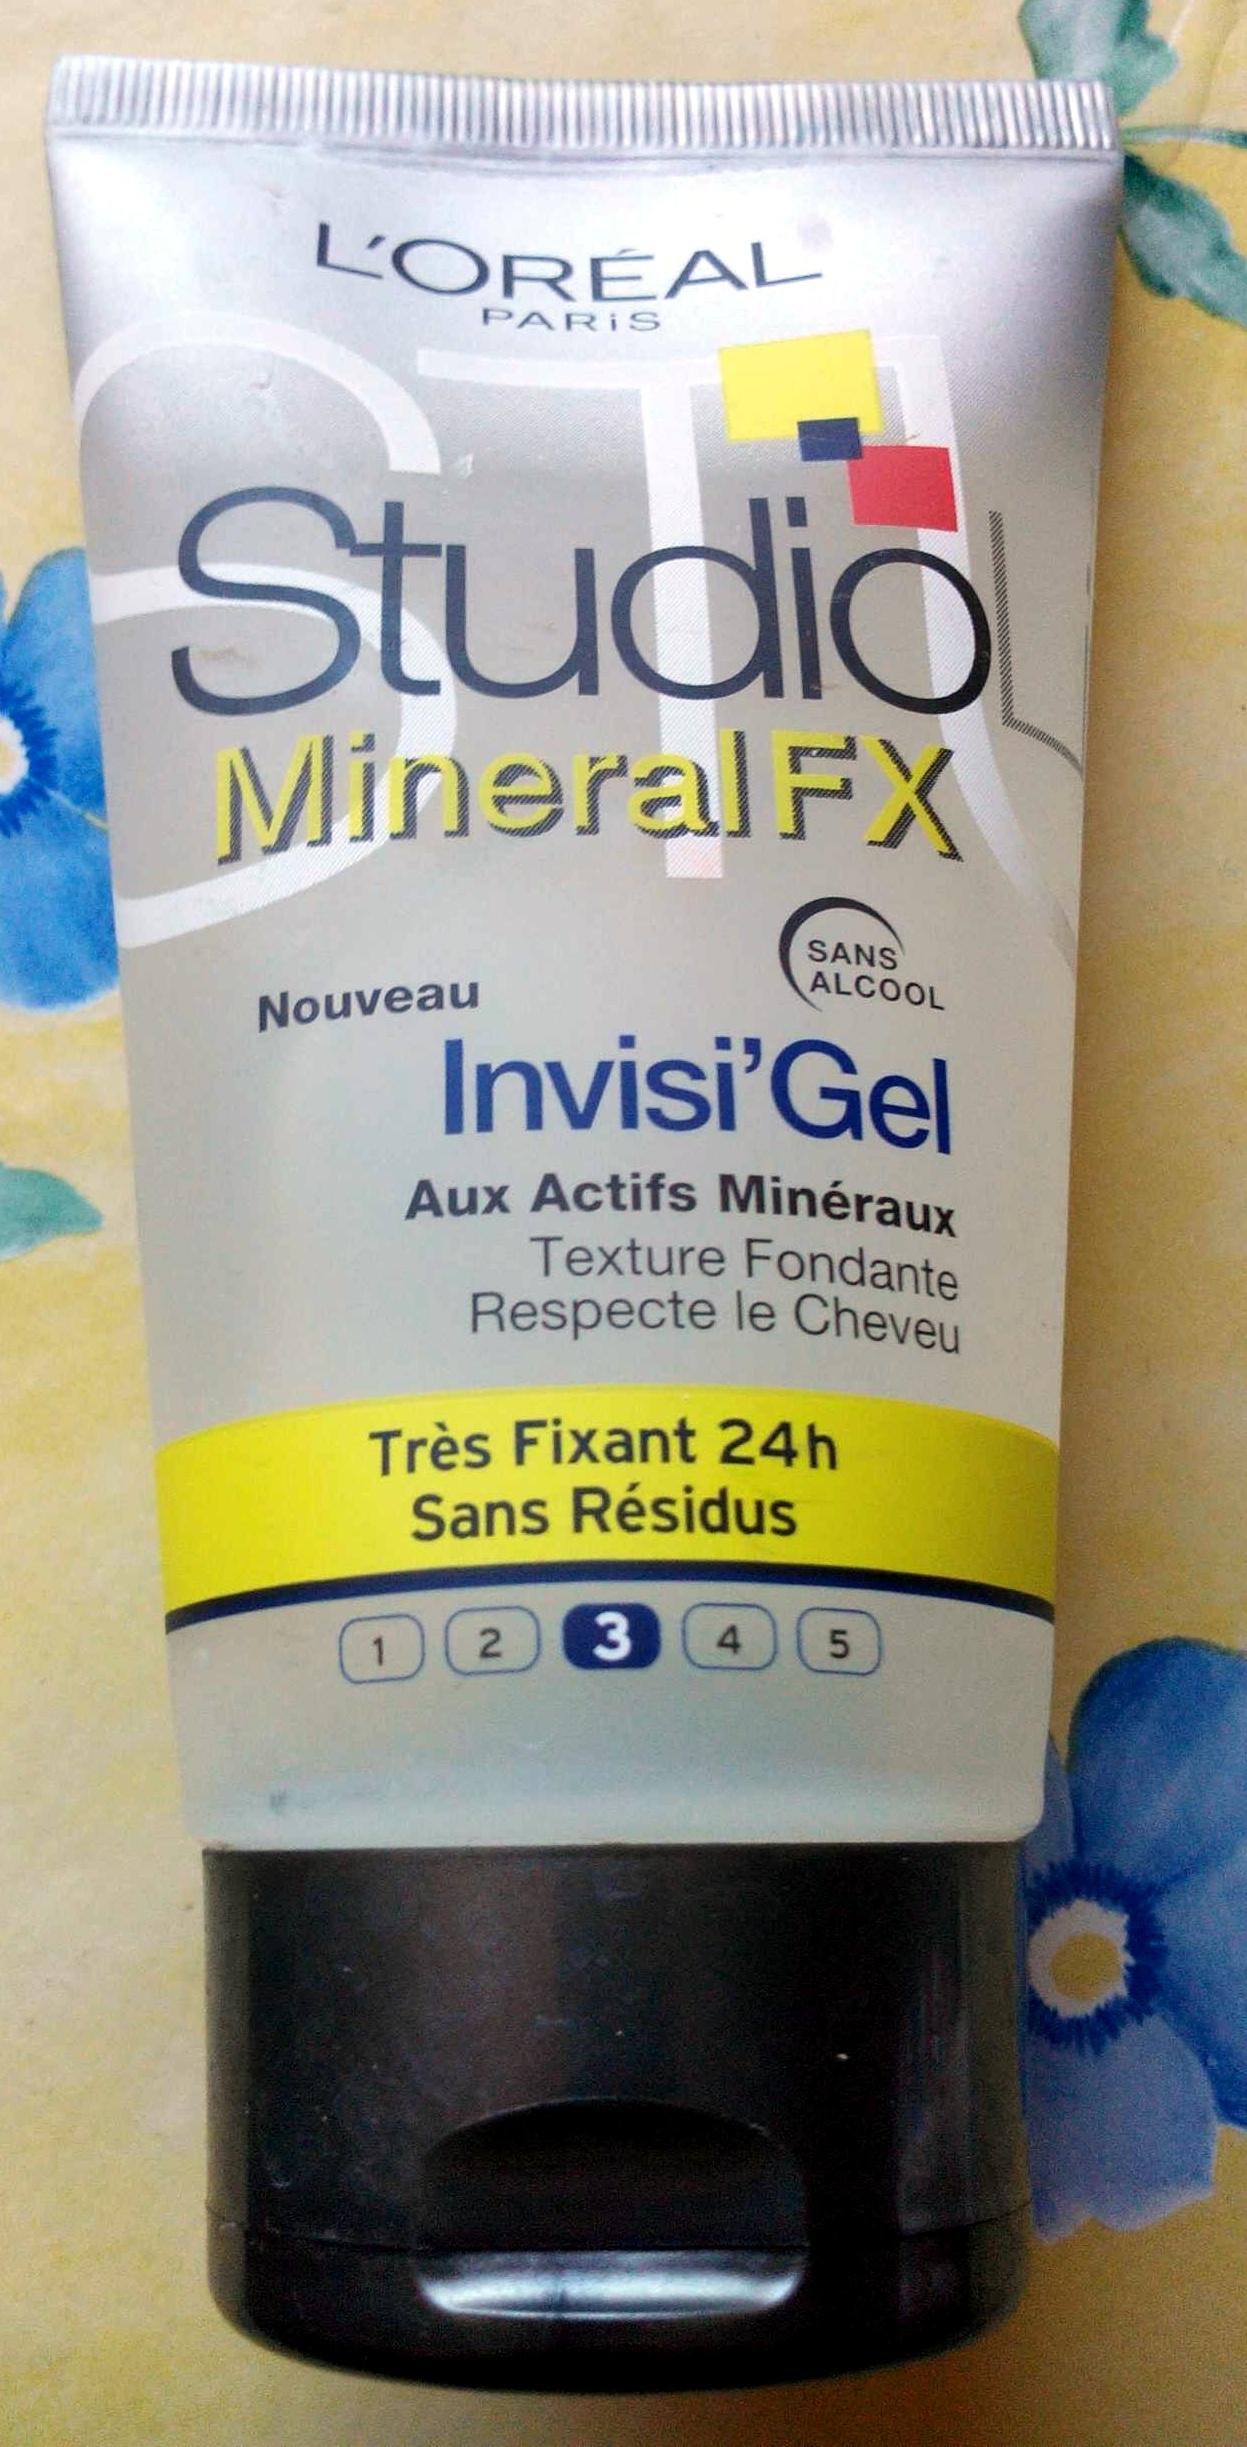 Invisi'Gel aux actifs minéraux - Produit